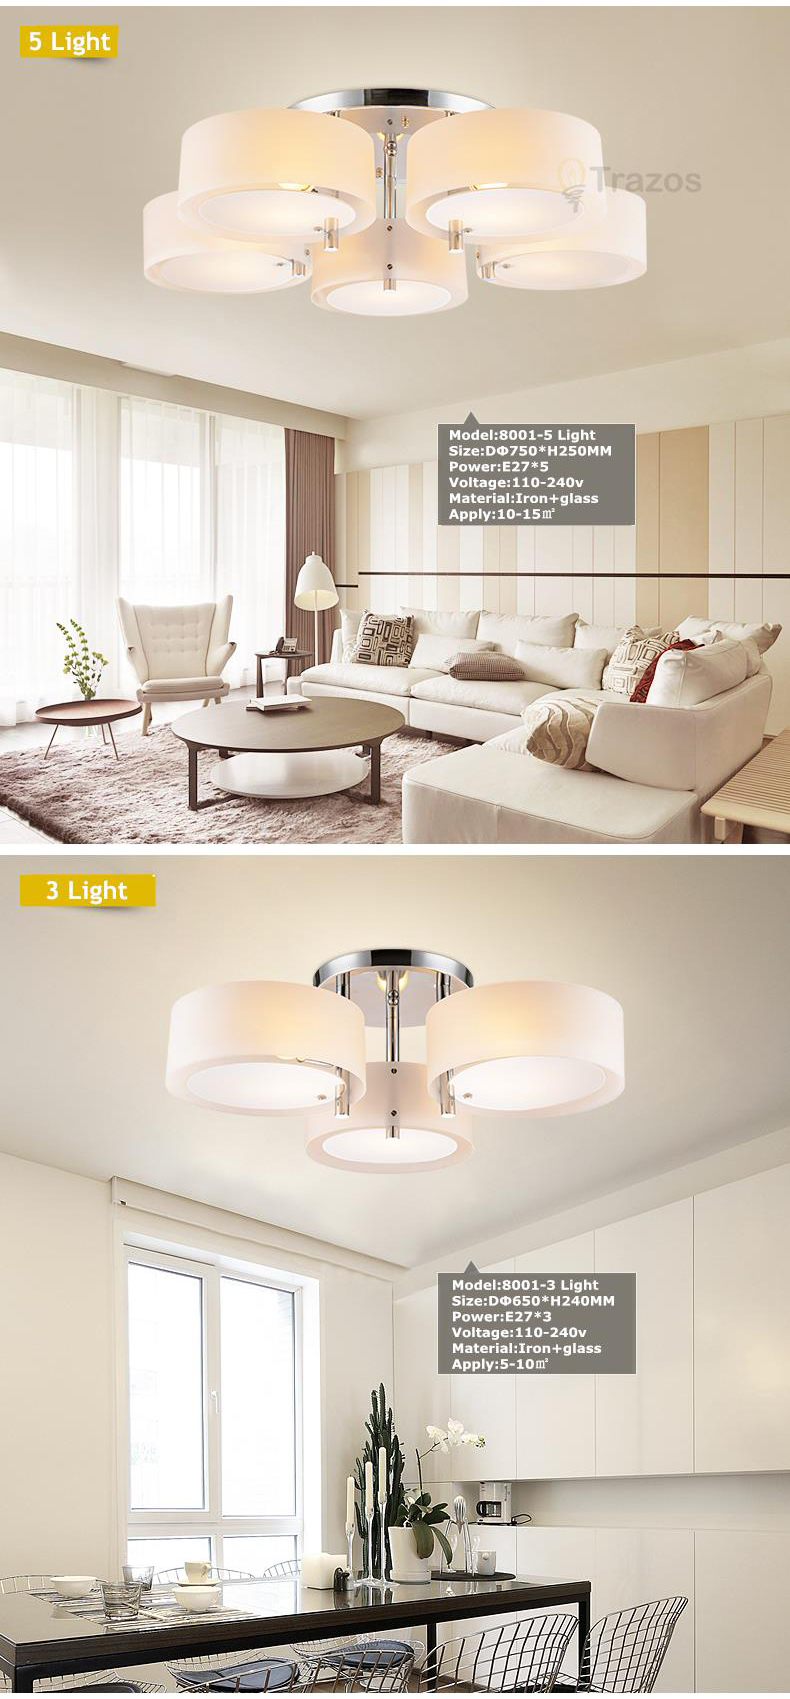 H126107cb2e774e8993b1c21563dcd9e6t NEW 2019 Modern Ceiling Lights modern fashionable design dining room lamp pendente de teto de cristal white shade acrylic lustre